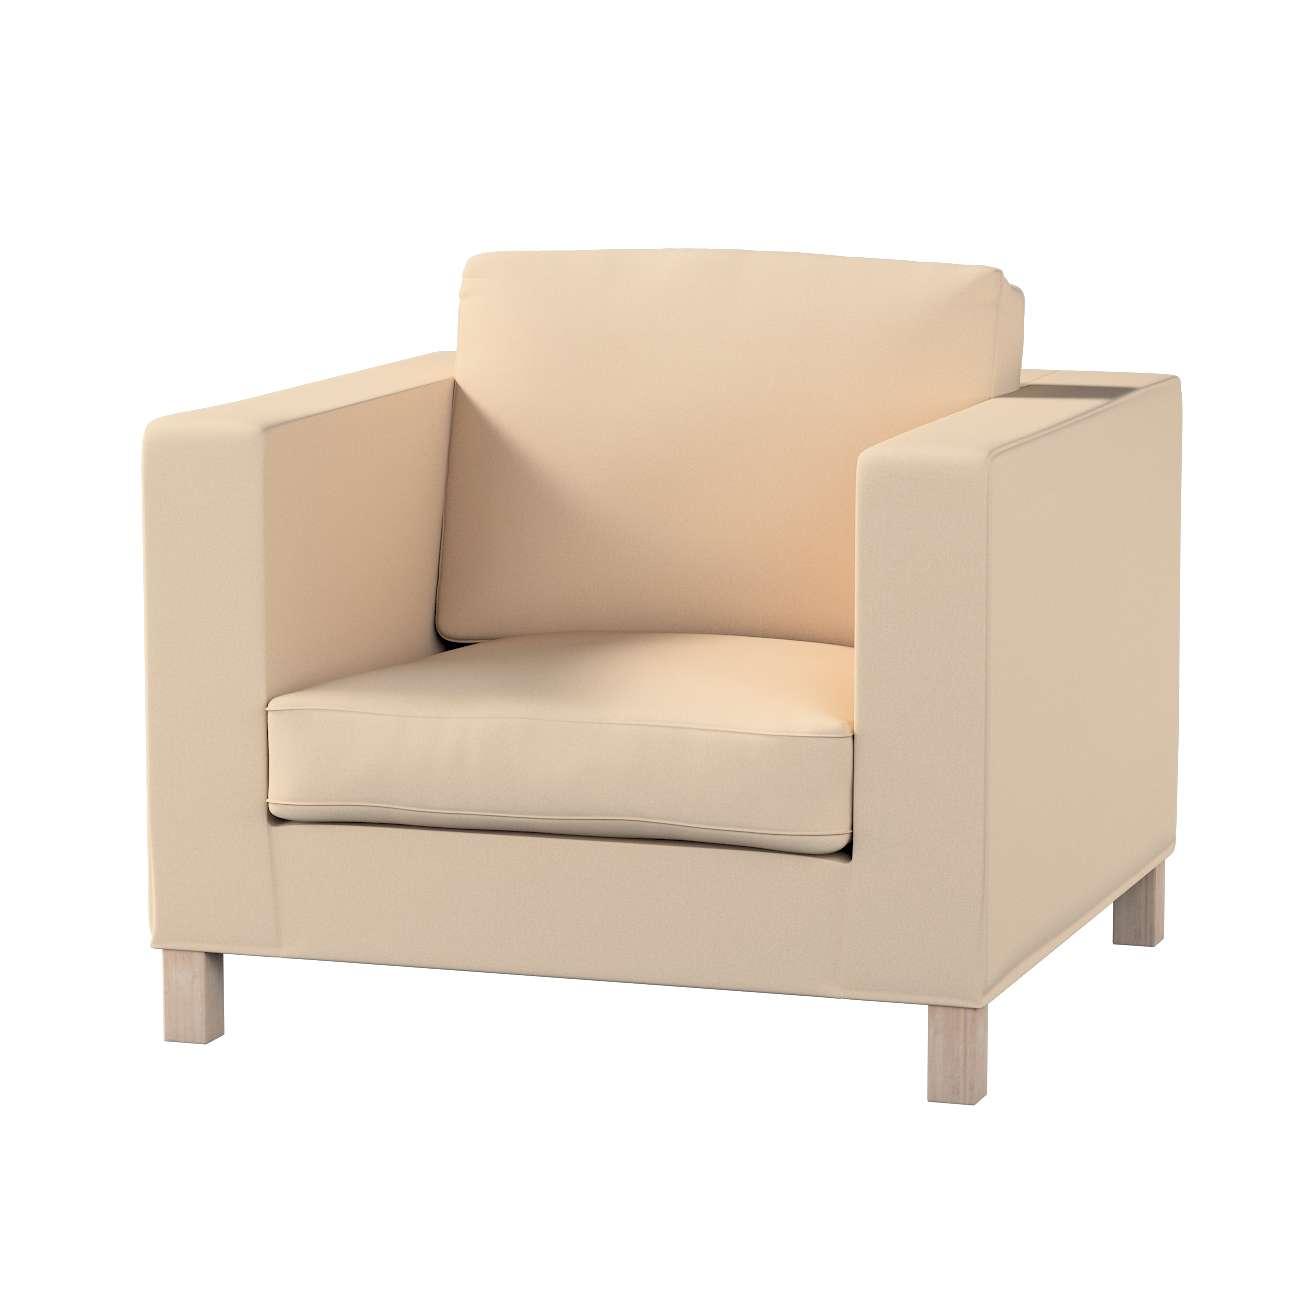 Potah na křesko IKEA Karlanda, krátký v kolekci Living, látka: 160-61